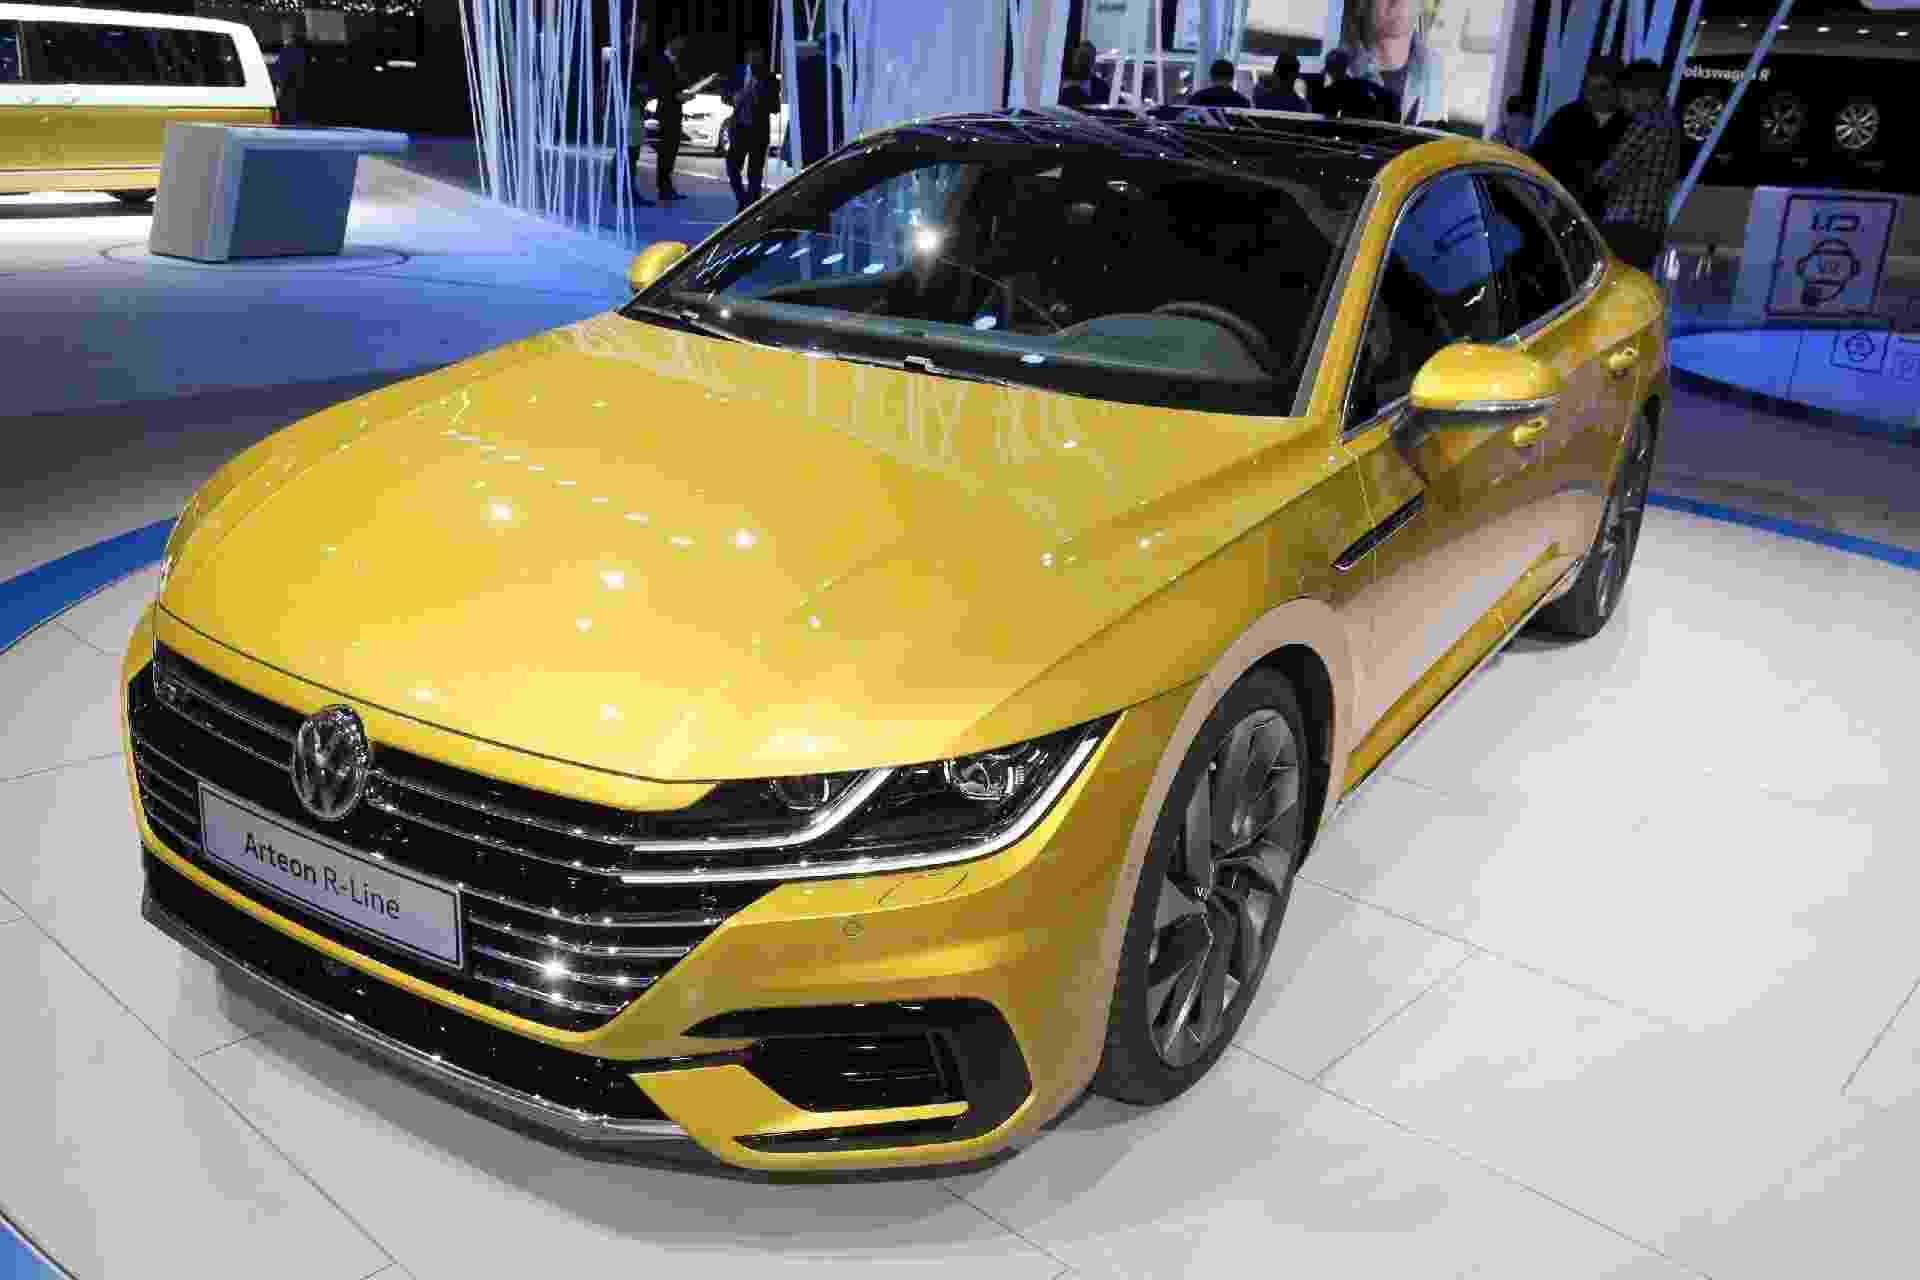 Volkswagen Arteon - Newspress